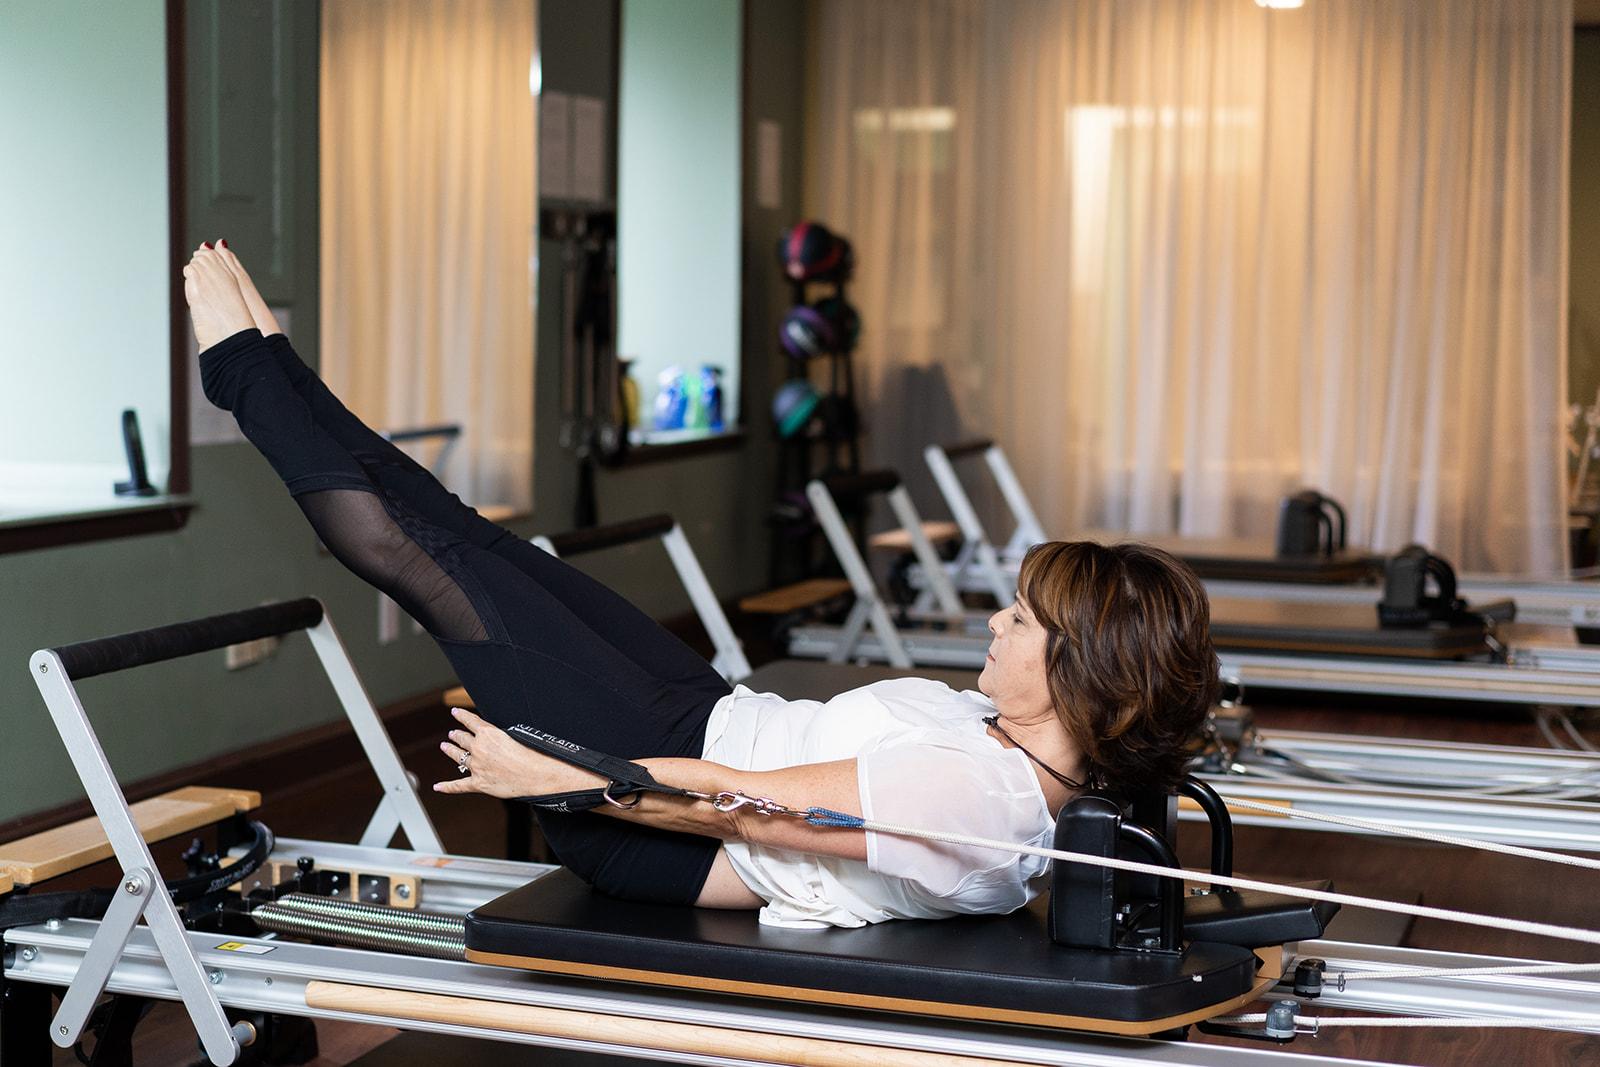 Pilates Reformer - Strength